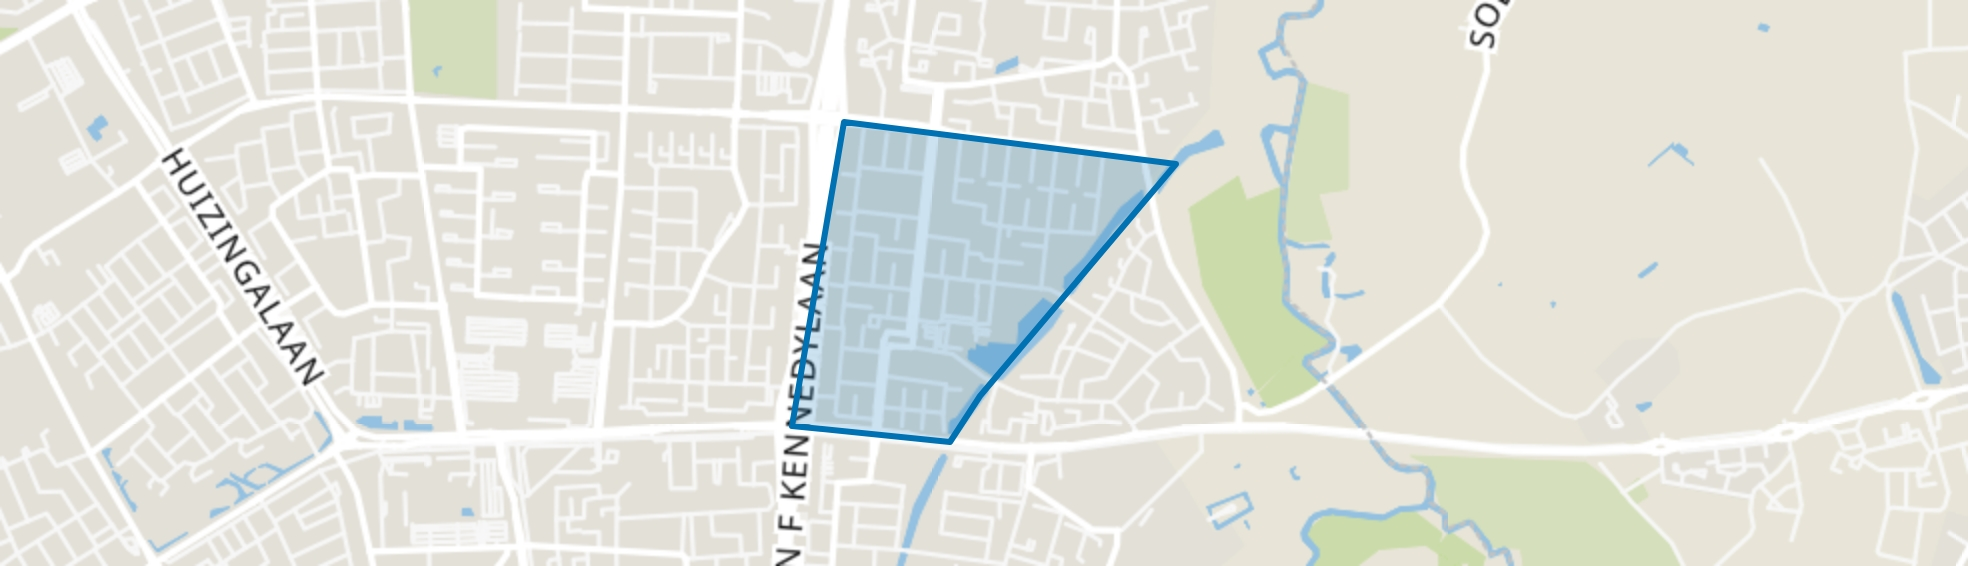 Eckart, Eindhoven map